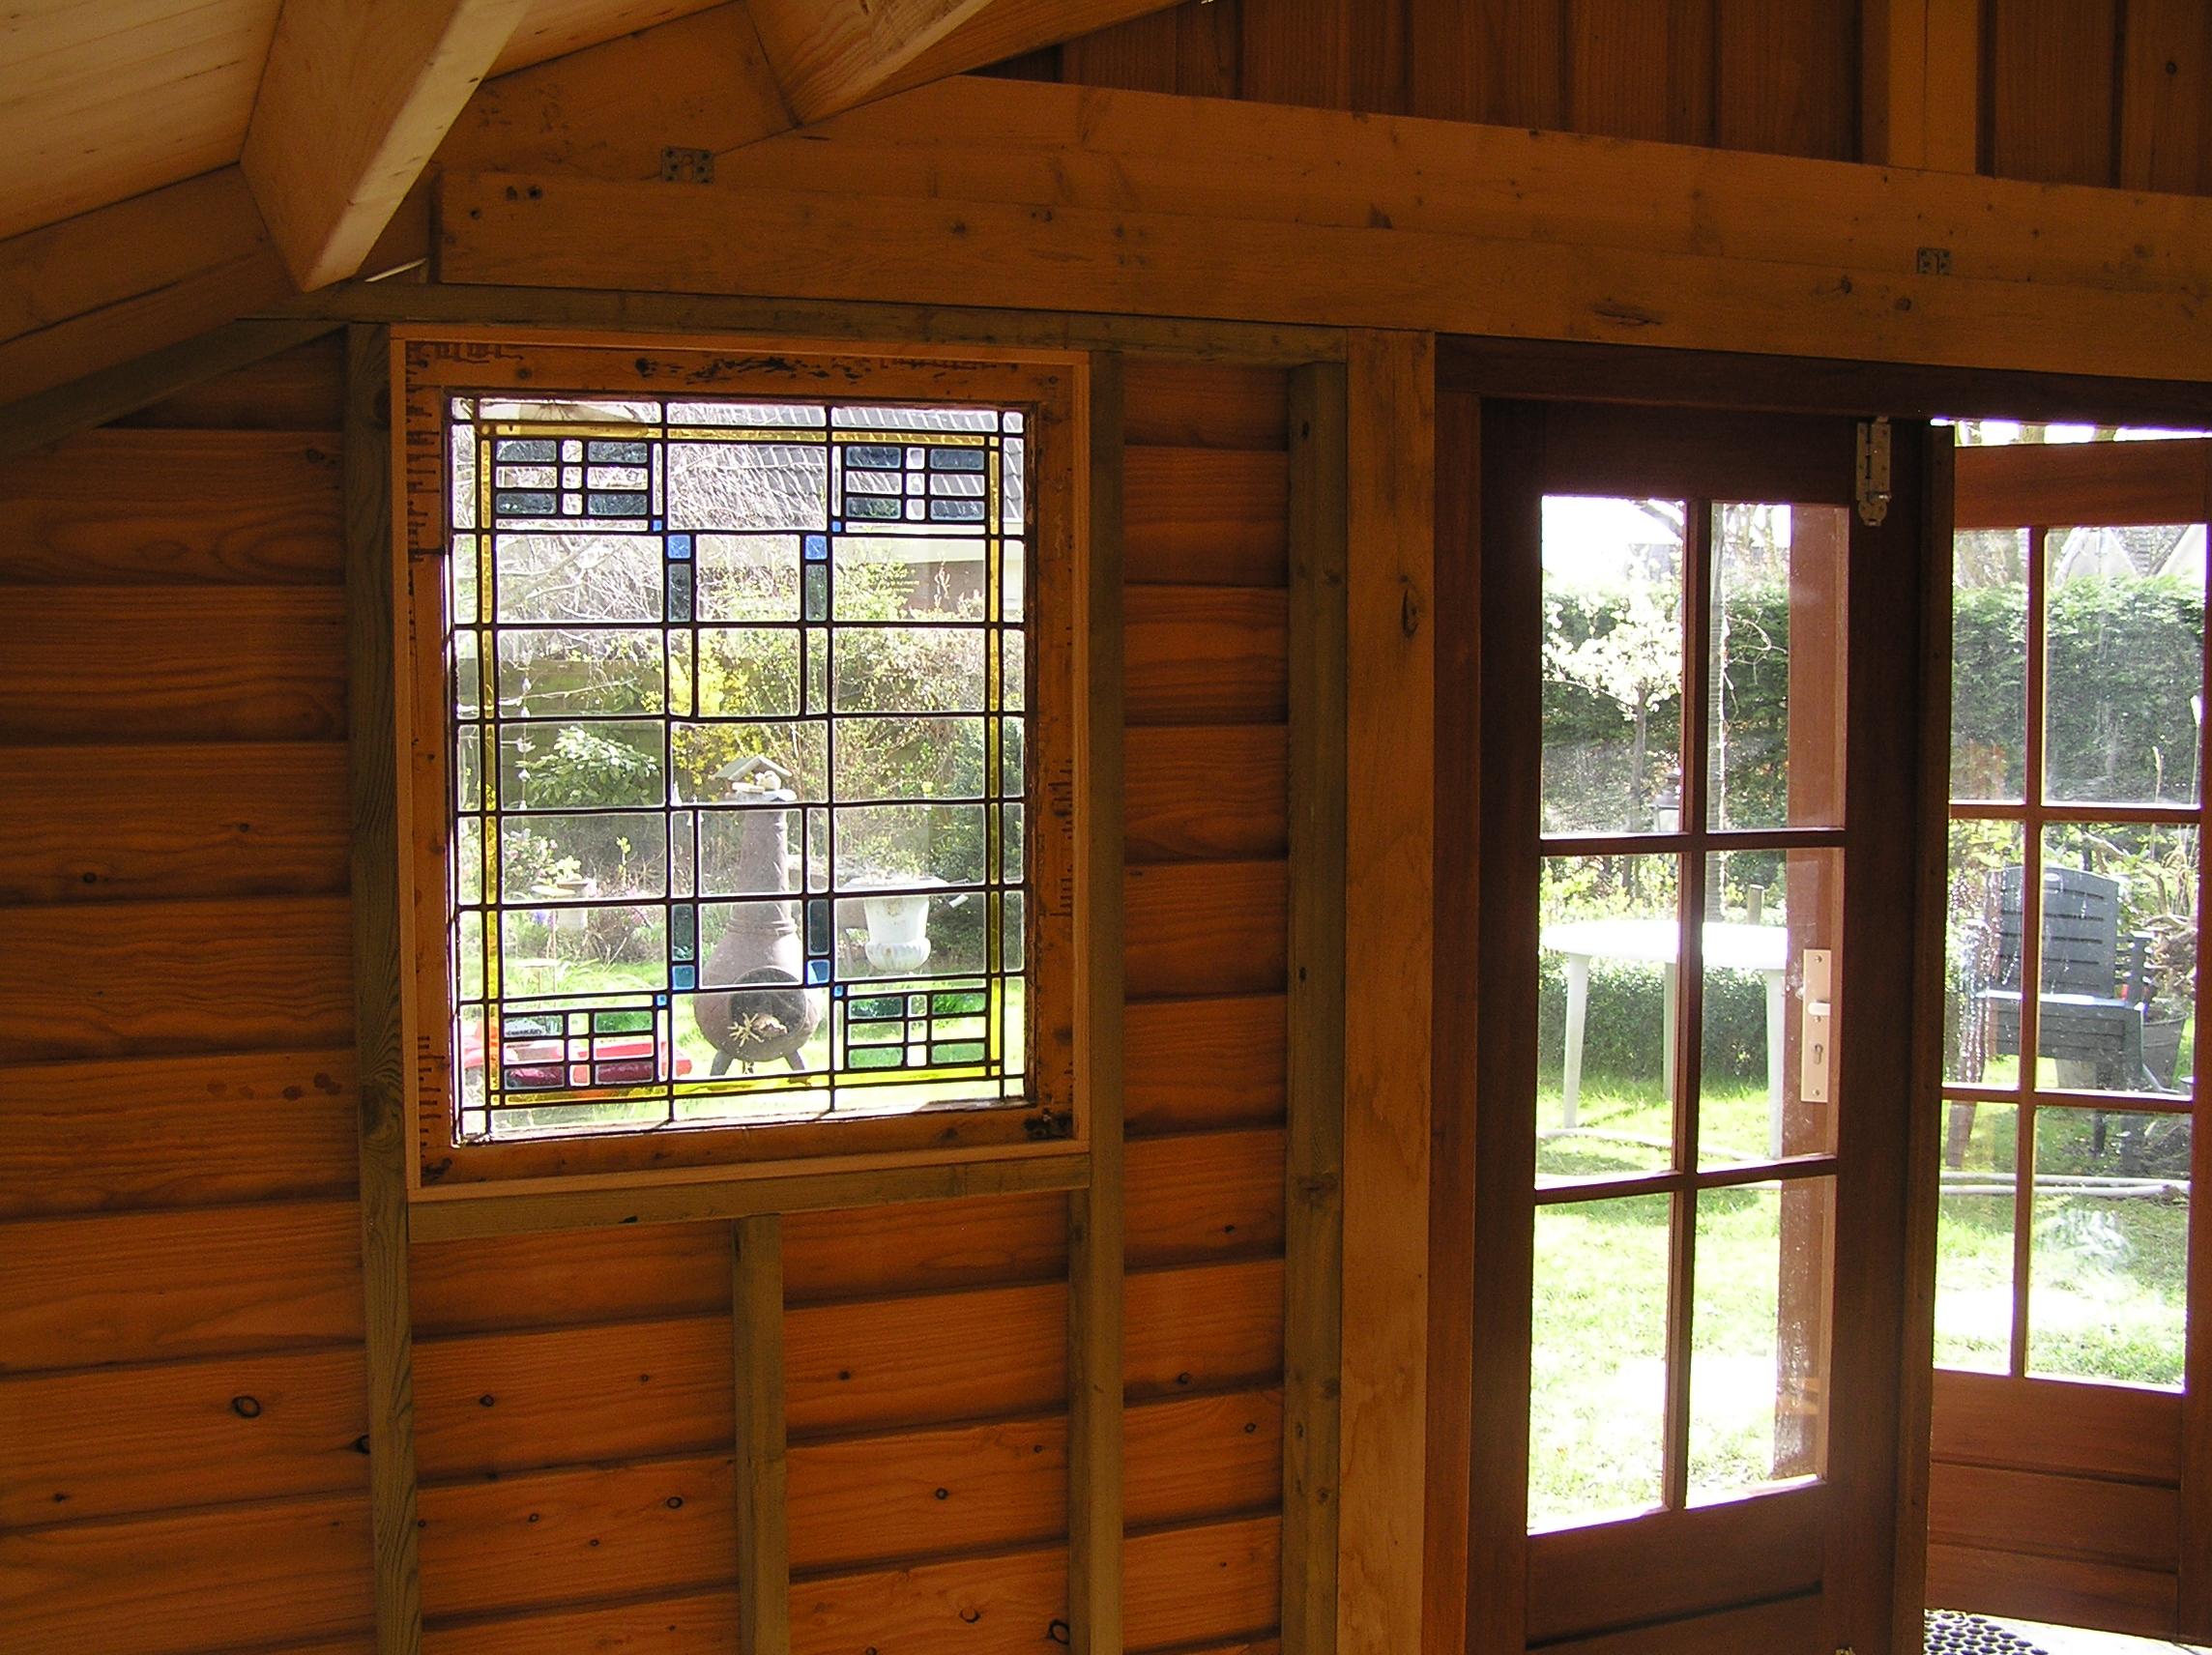 luxe_tuinpaviljoen - Heerlijk wegdromen in de prachtige houten tuinpaviljoen 'marqués'.